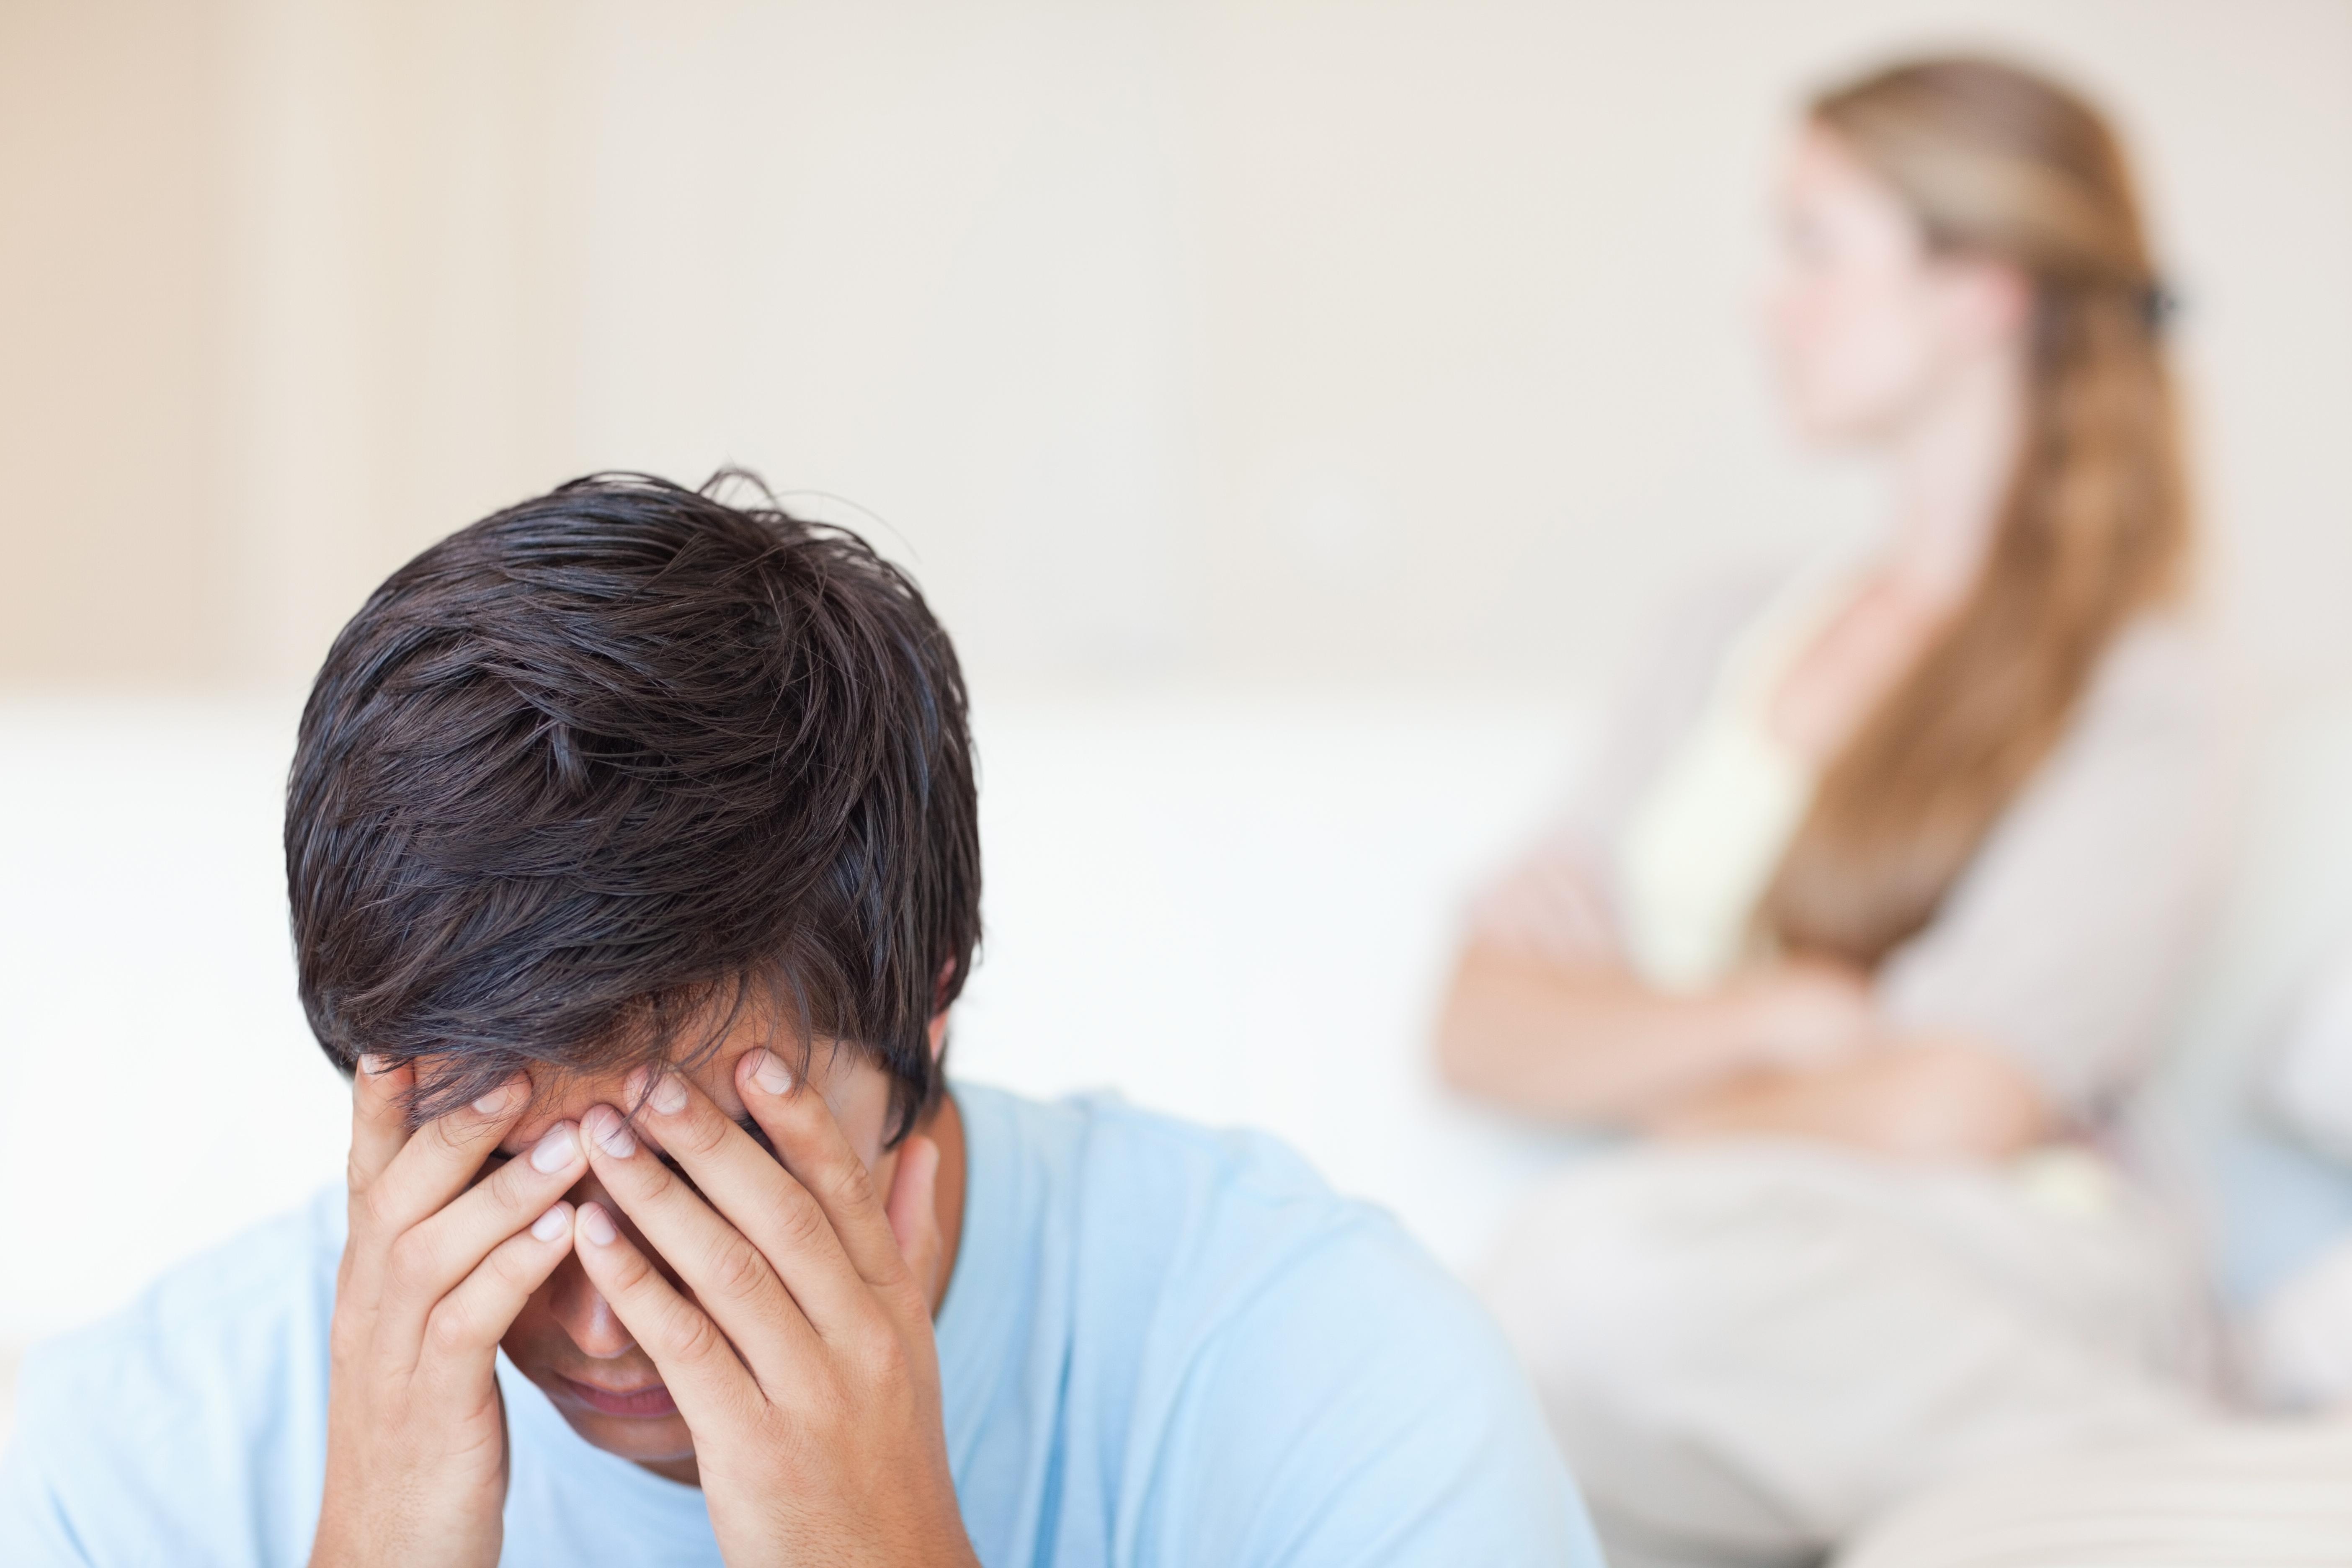 medicin mot stress och oro